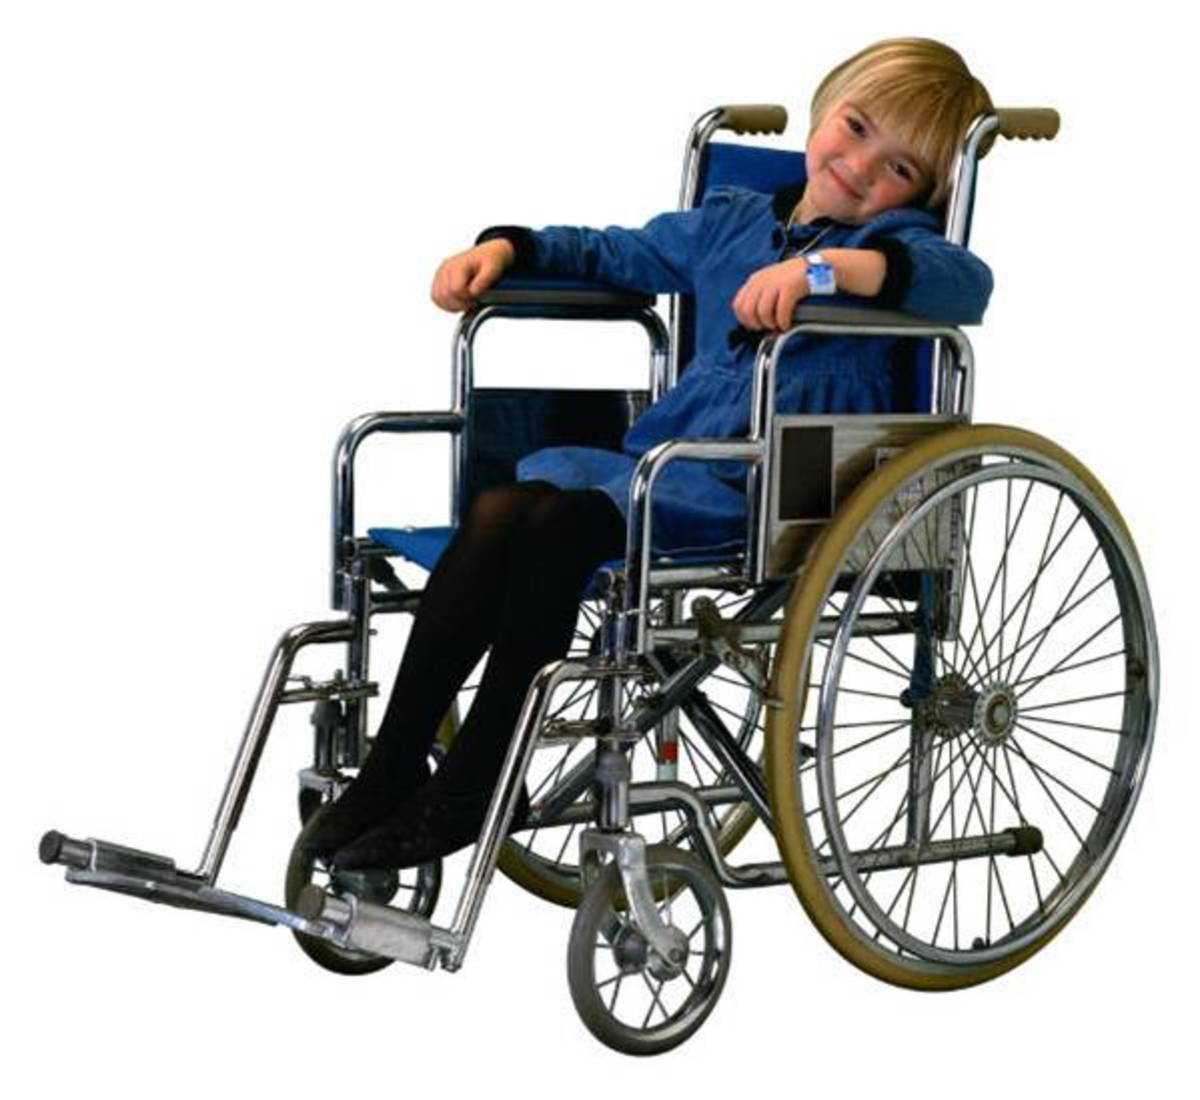 Η ατυχία να είσαι ανάπηρος στην Ελλάδα του μνημονίου! Ο σχολικός Γολγοθάς των ανήμπορων παιδιών   Newsit.gr